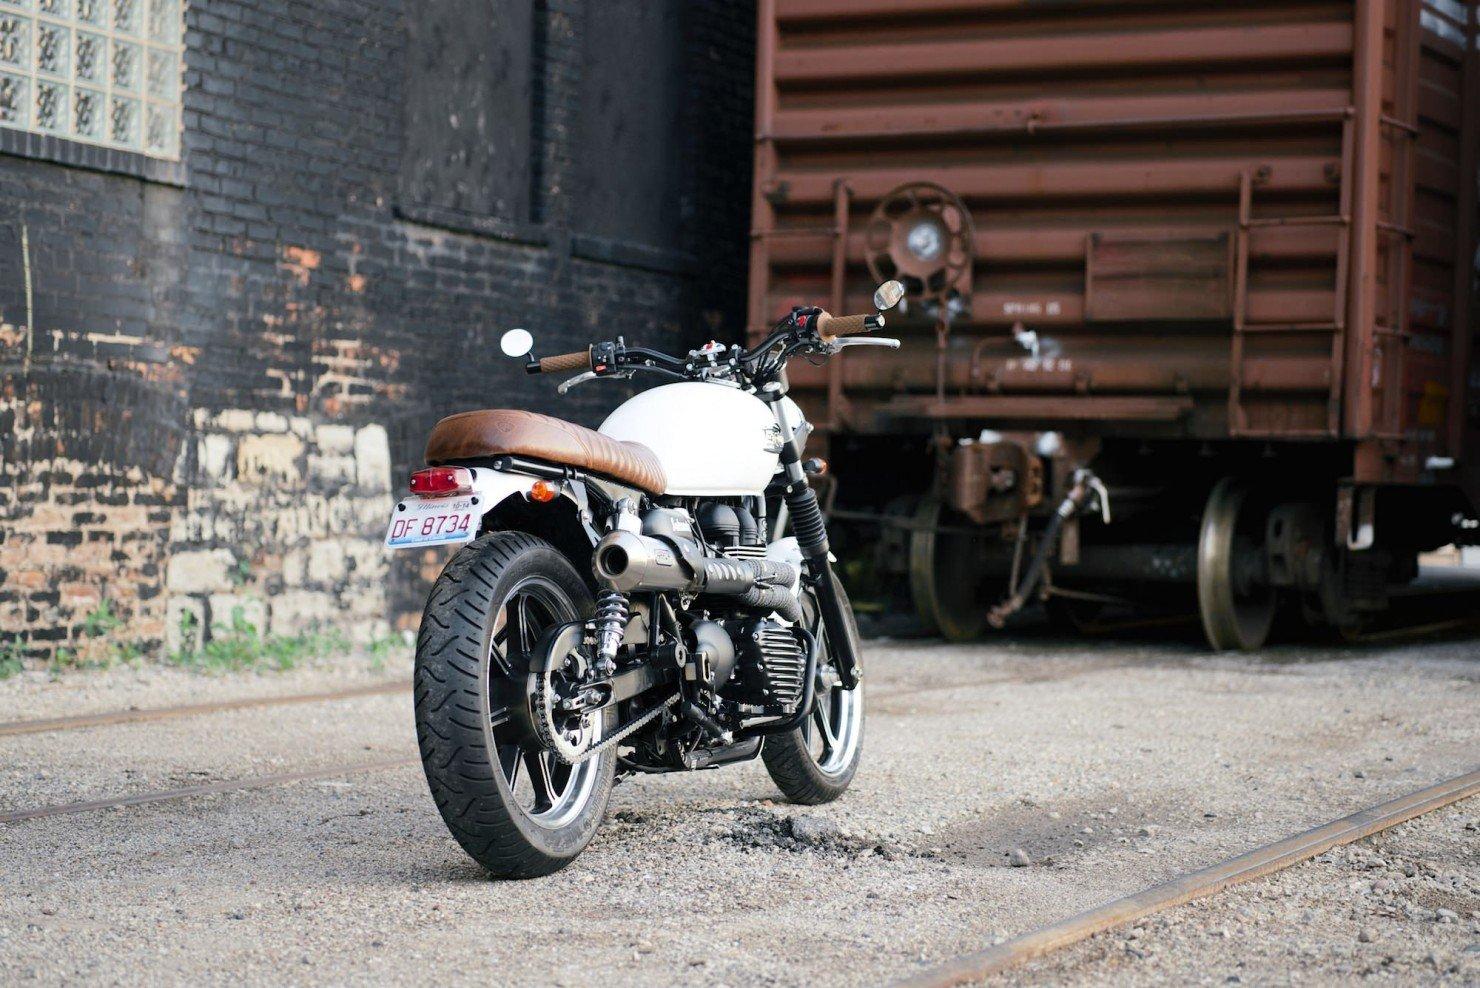 Triumph_Bonneville_Motorcycle_19